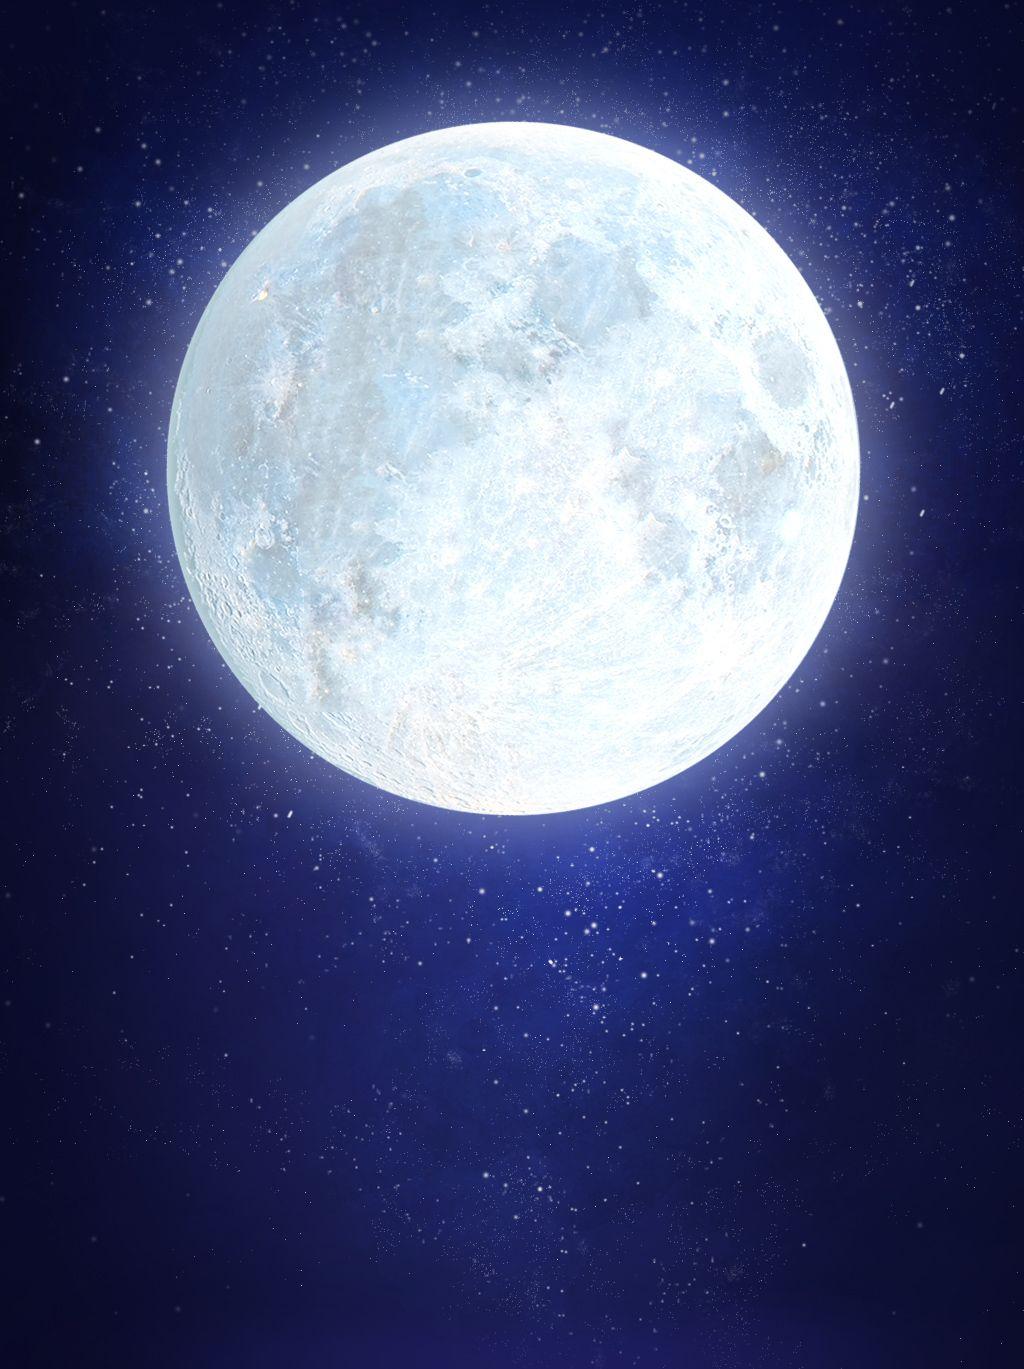 Blaues Sternenherbsthintergrundformat Des Mittleren Herbstfestivals Mid Autumn Festival Star Background Moon Design Art